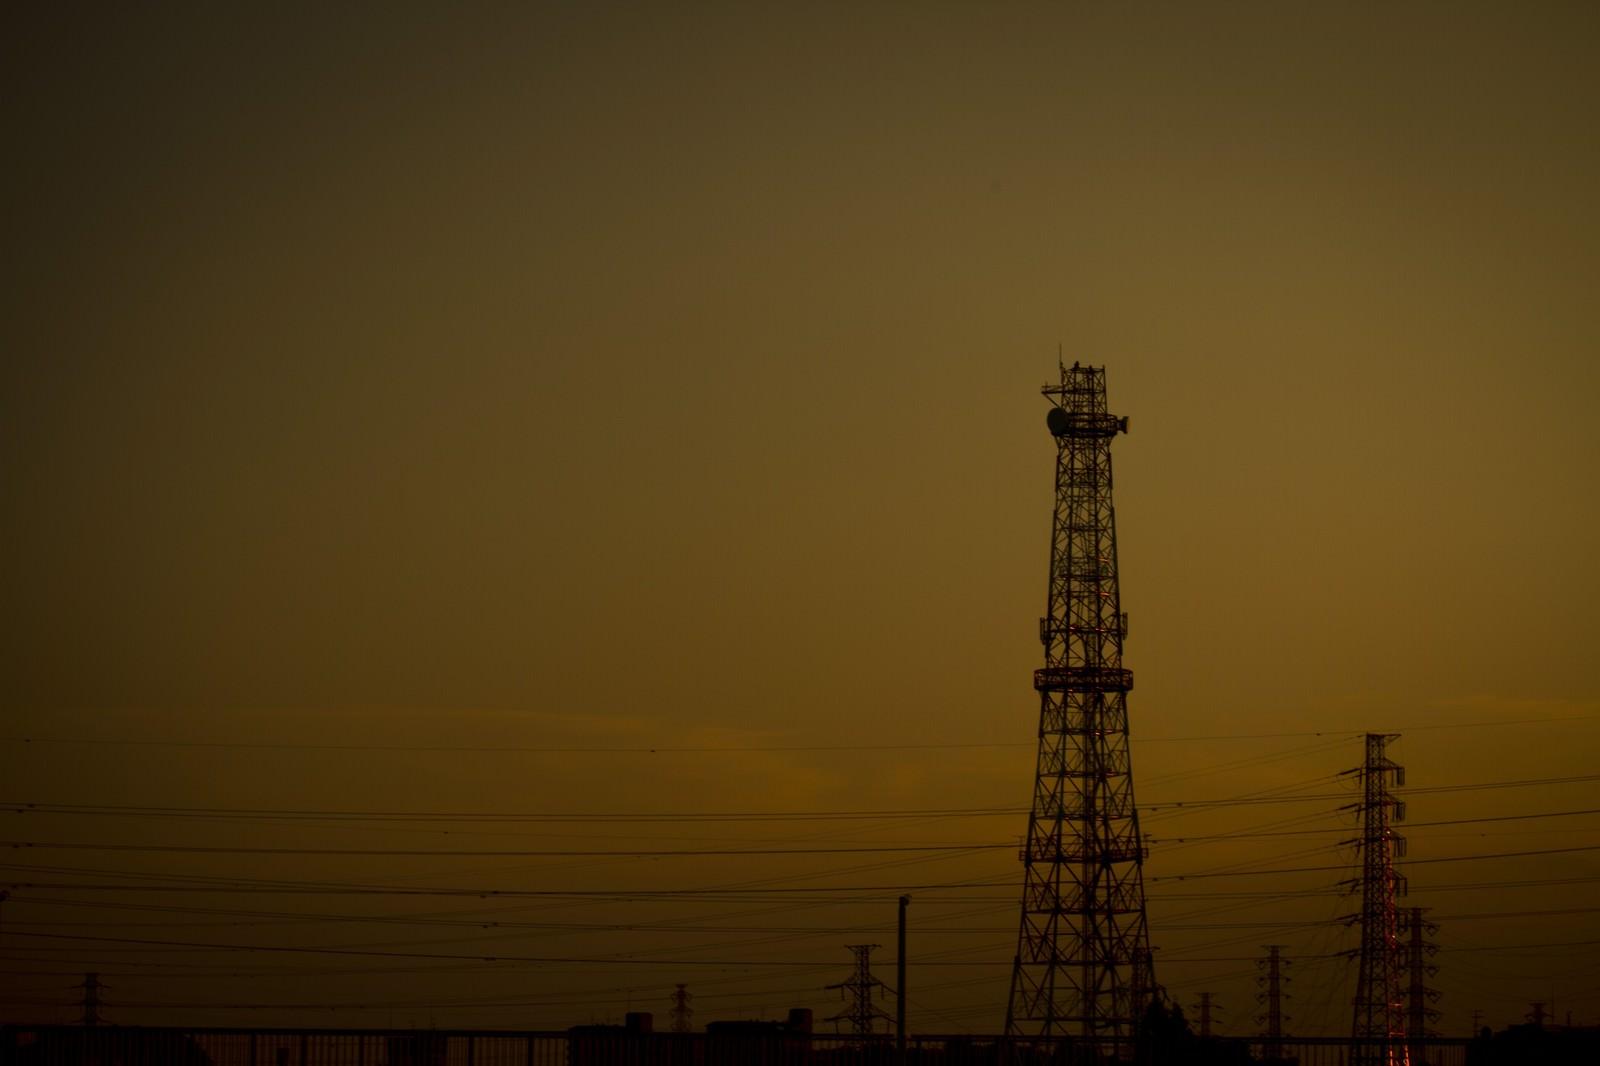 「夕方の鉄塔と送電線」の写真